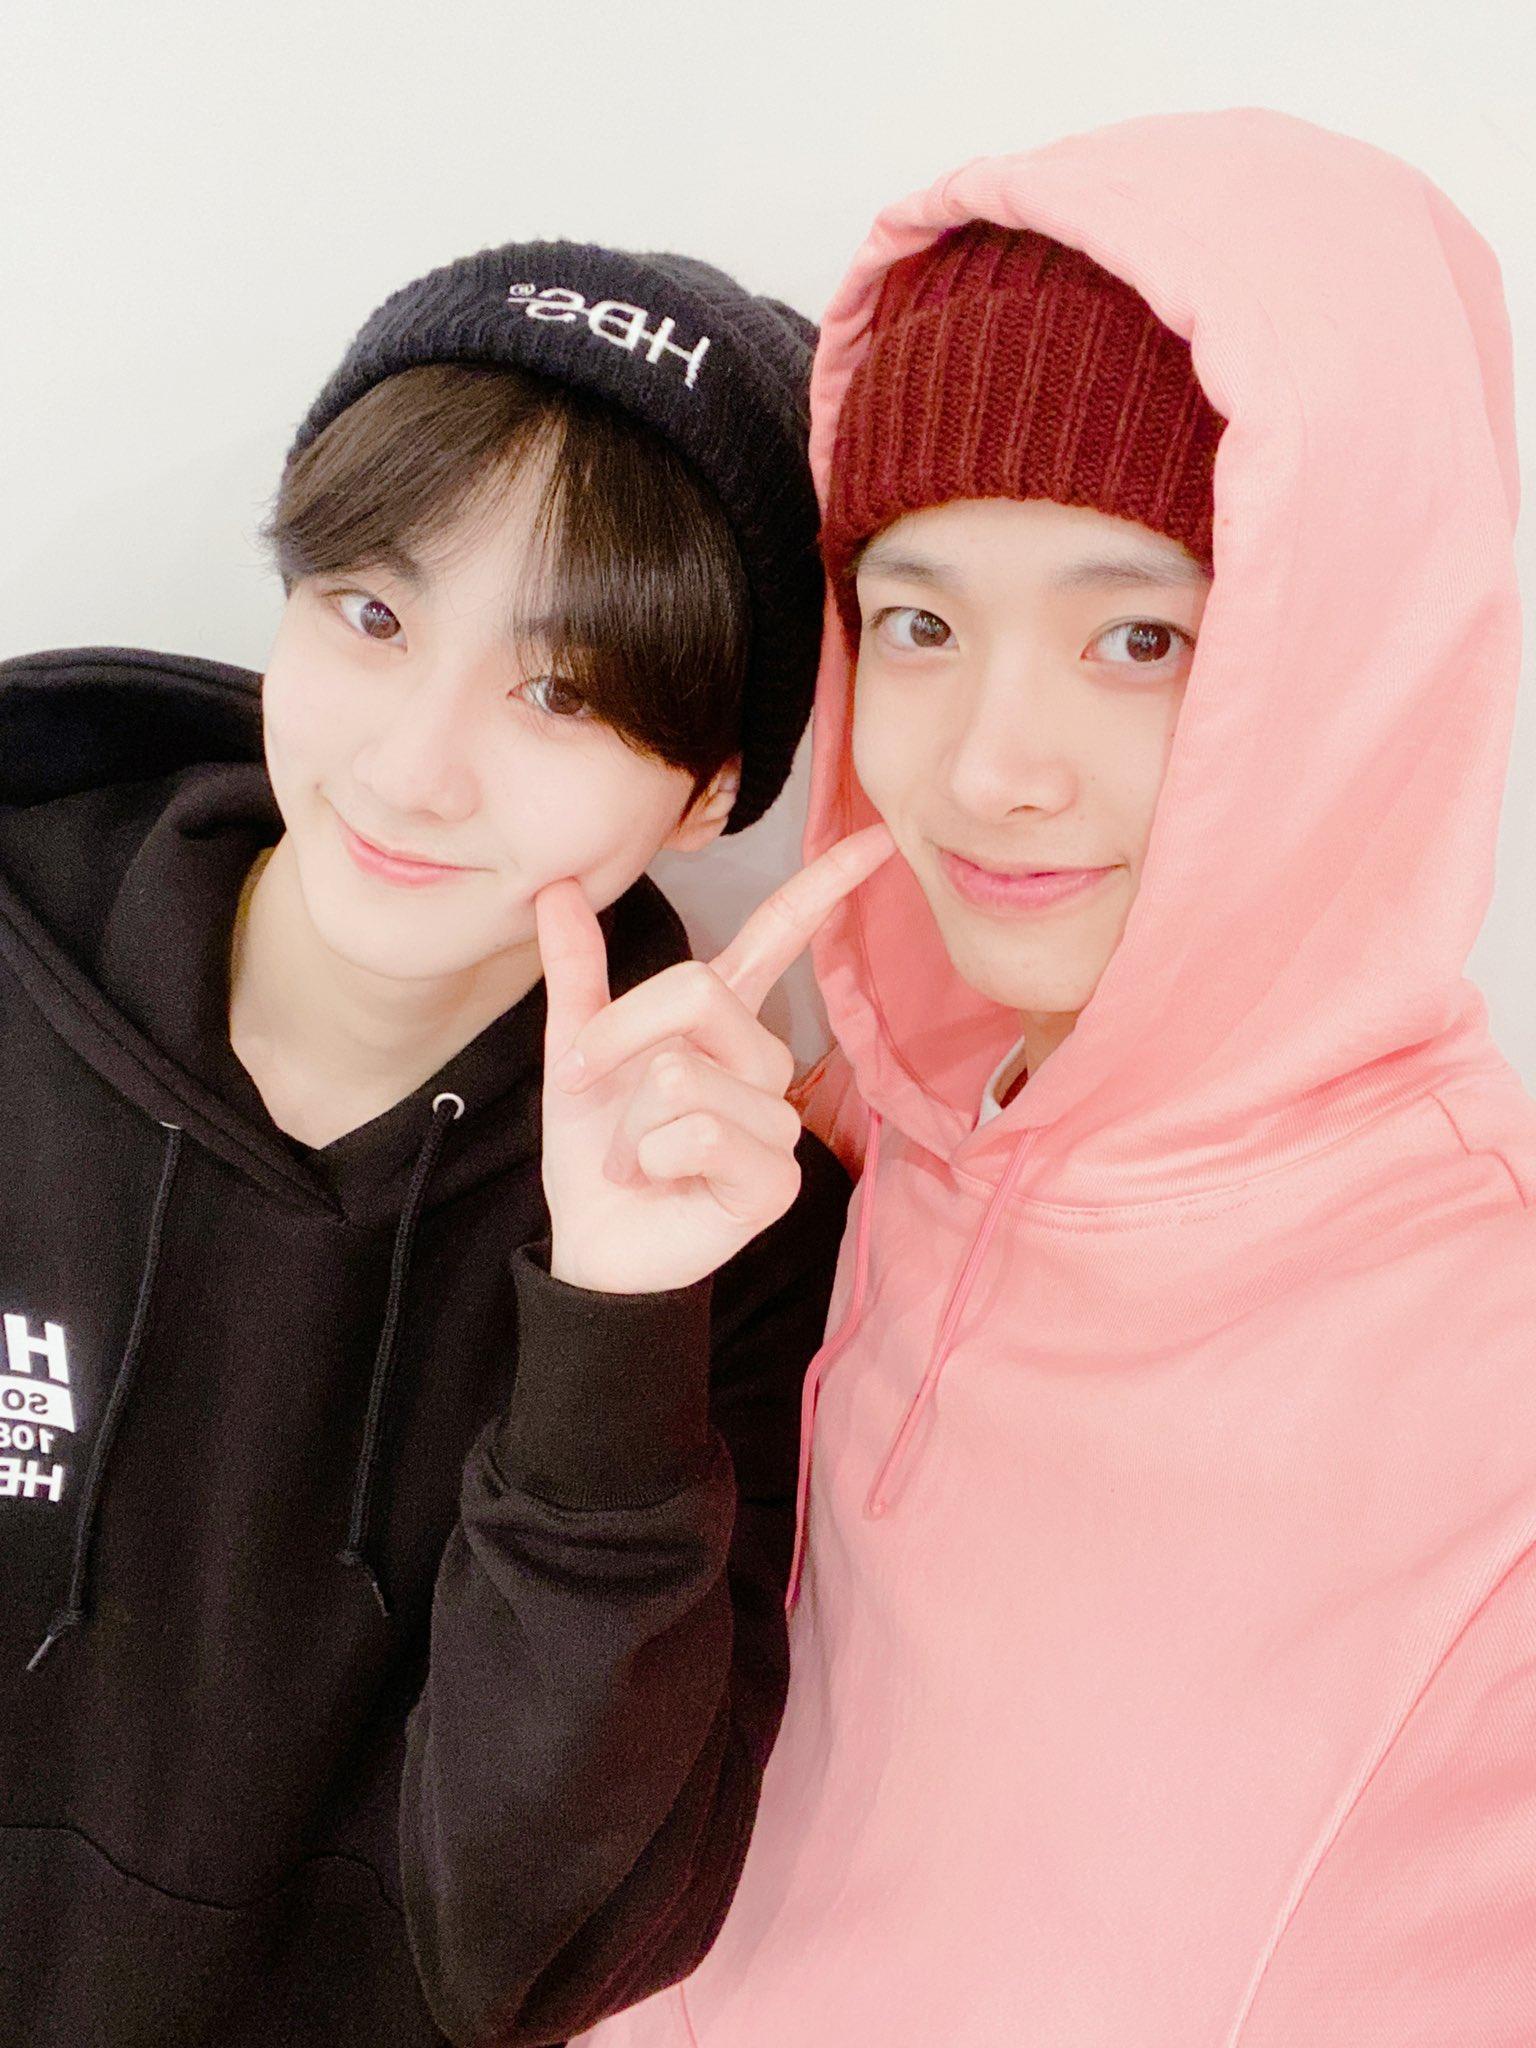 enhypen heeseung heewon @ENHYPEN_members